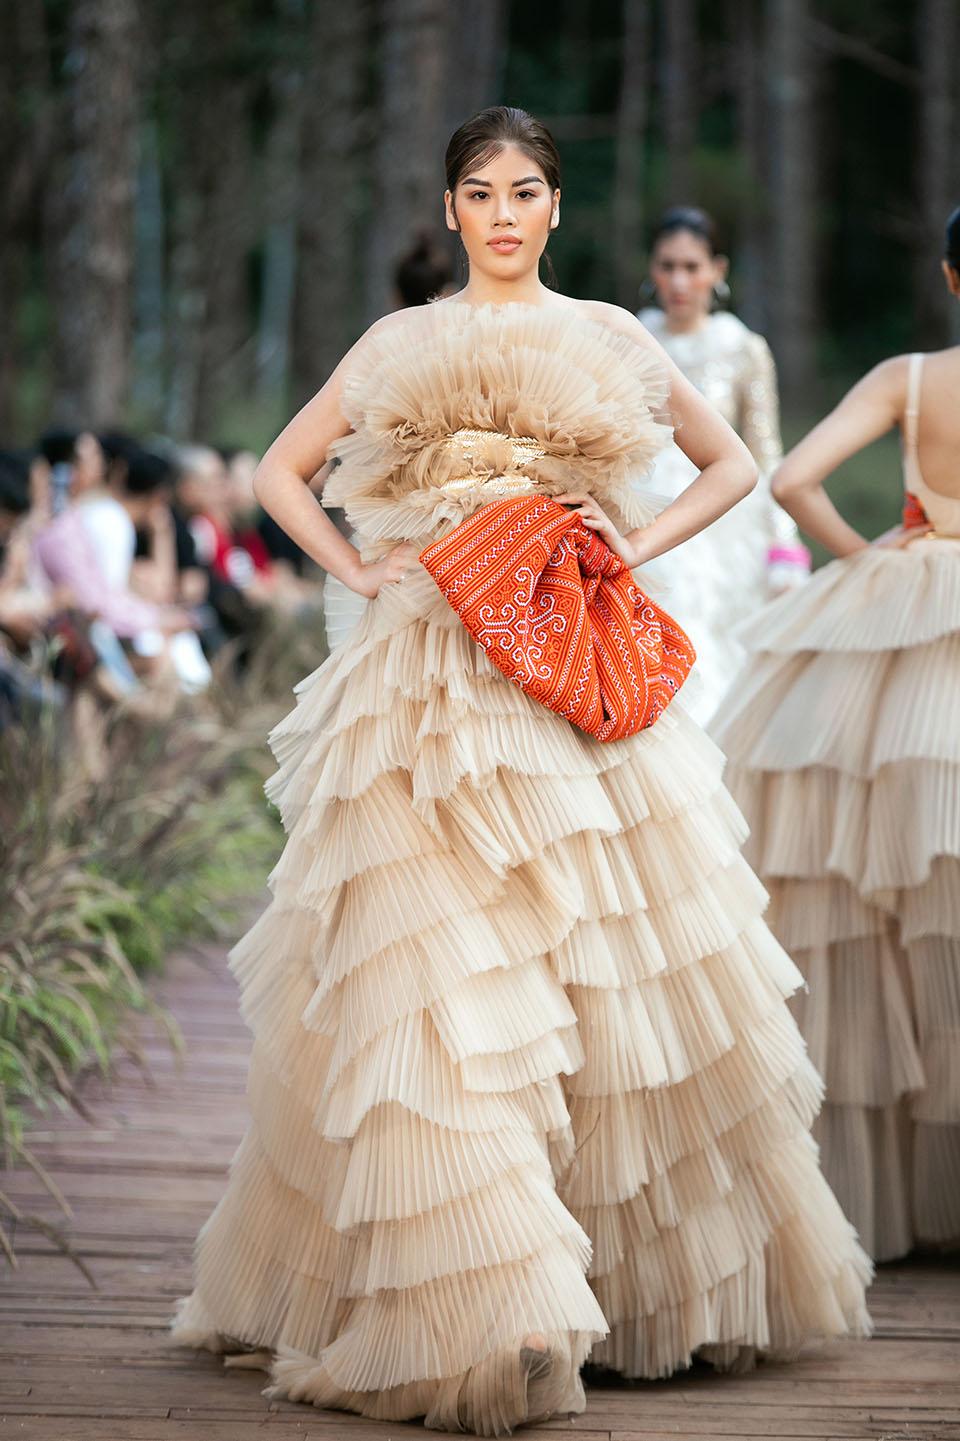 Hoàng Thuỳ làm vedette cho Lý Quí Khánh trong show diễn giữa rừng - 10